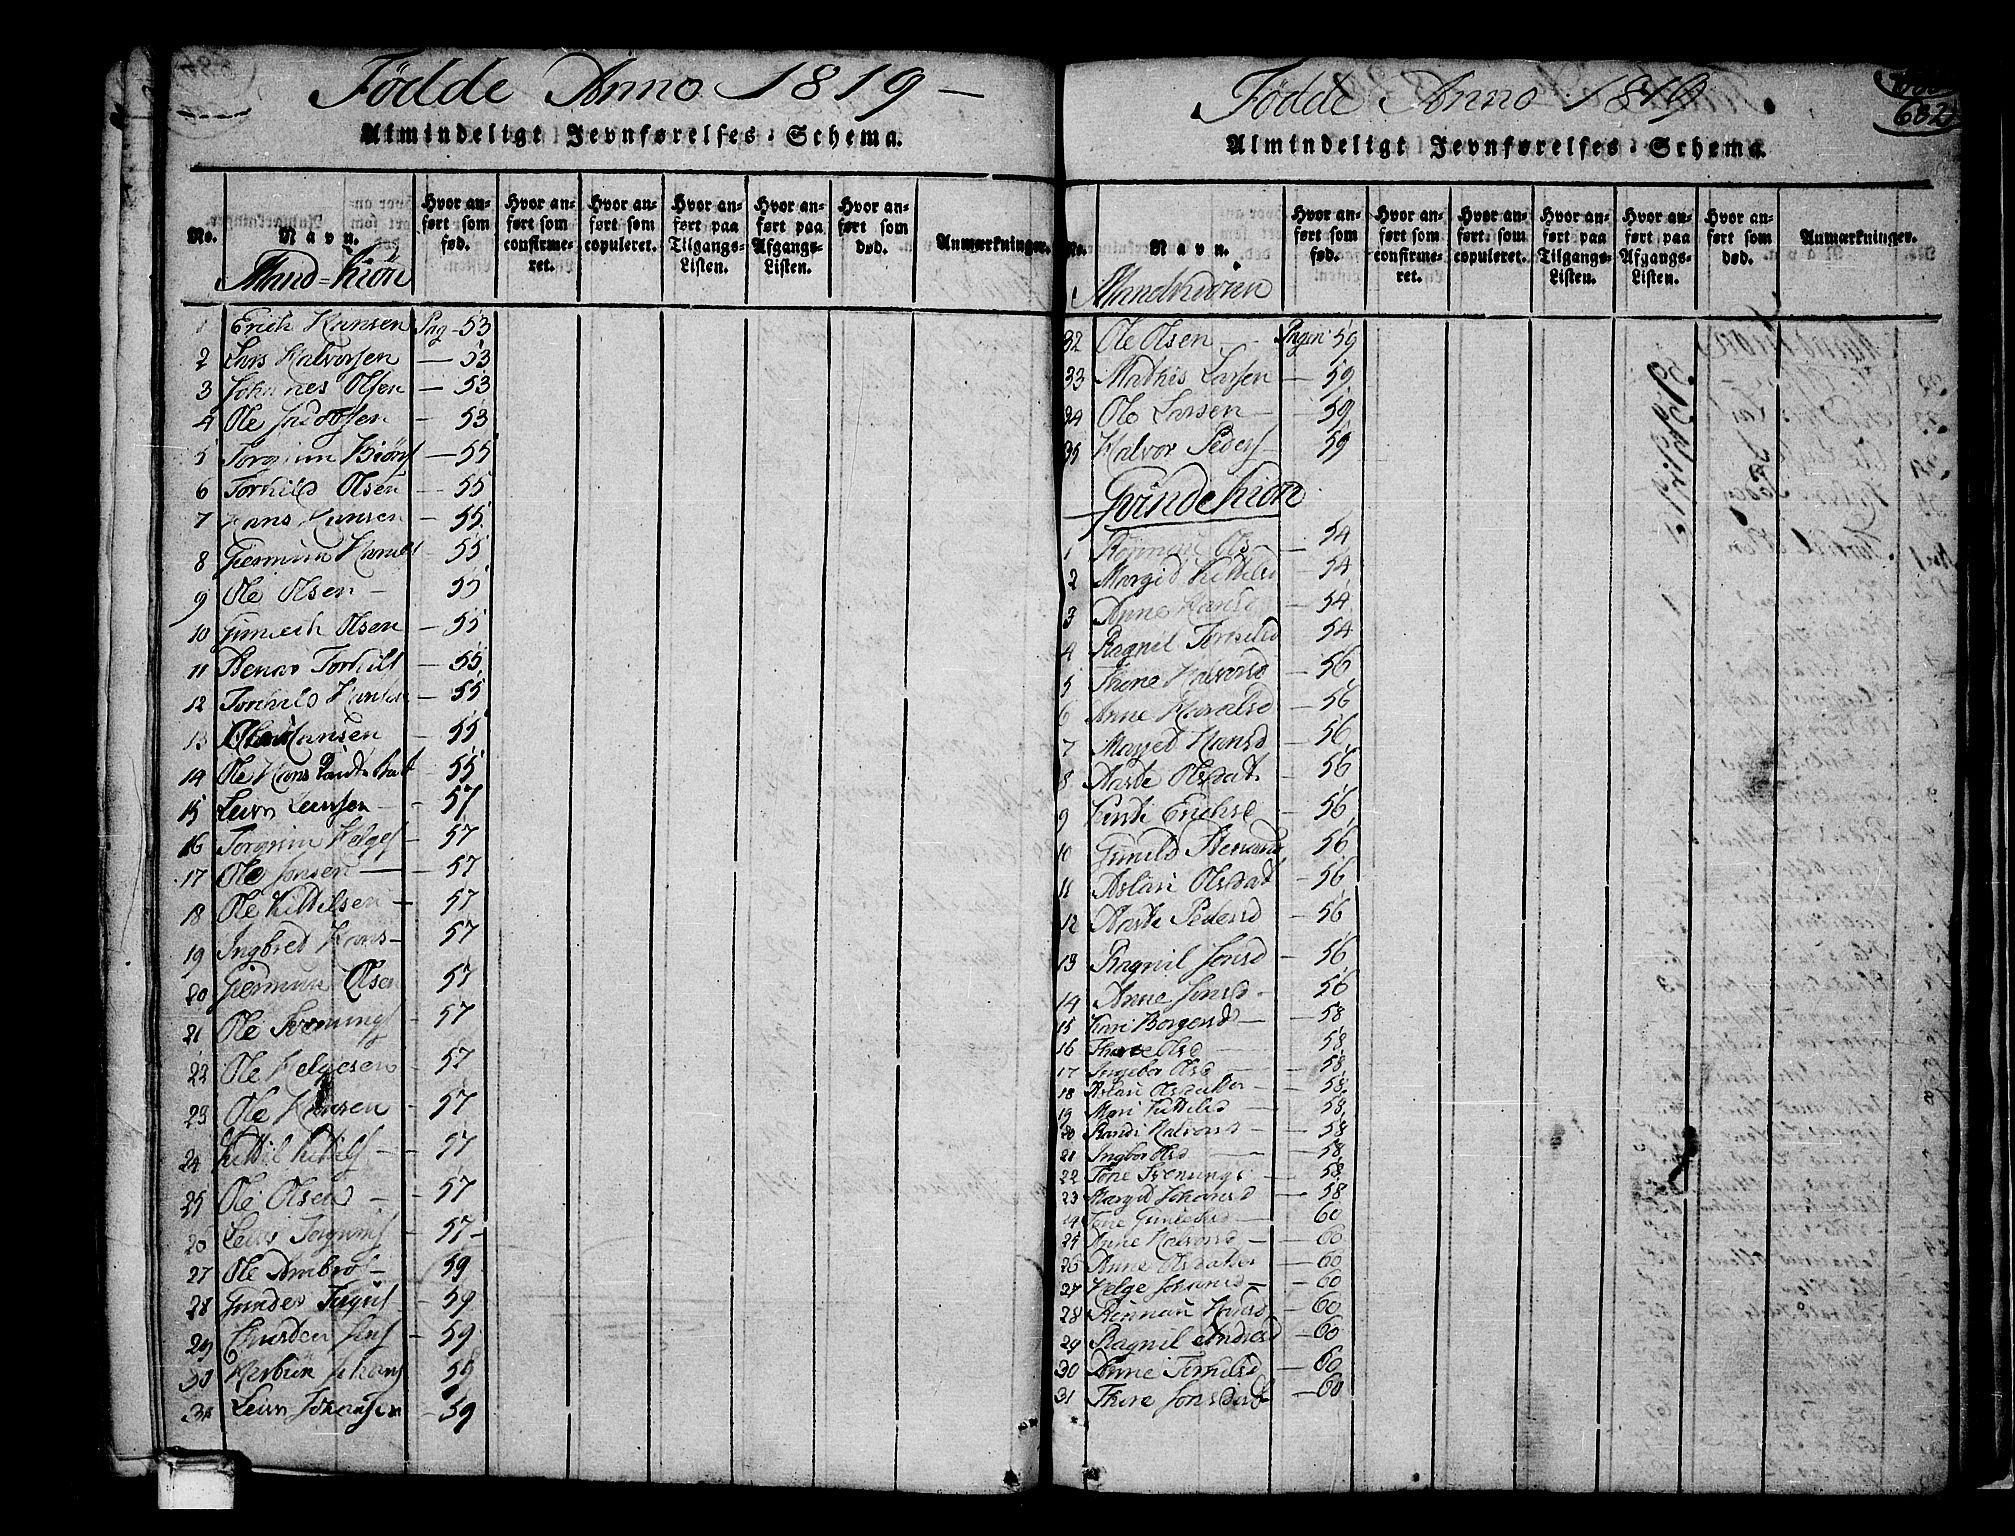 SAKO, Heddal kirkebøker, F/Fa/L0005: Ministerialbok nr. I 5, 1814-1837, s. 681-682